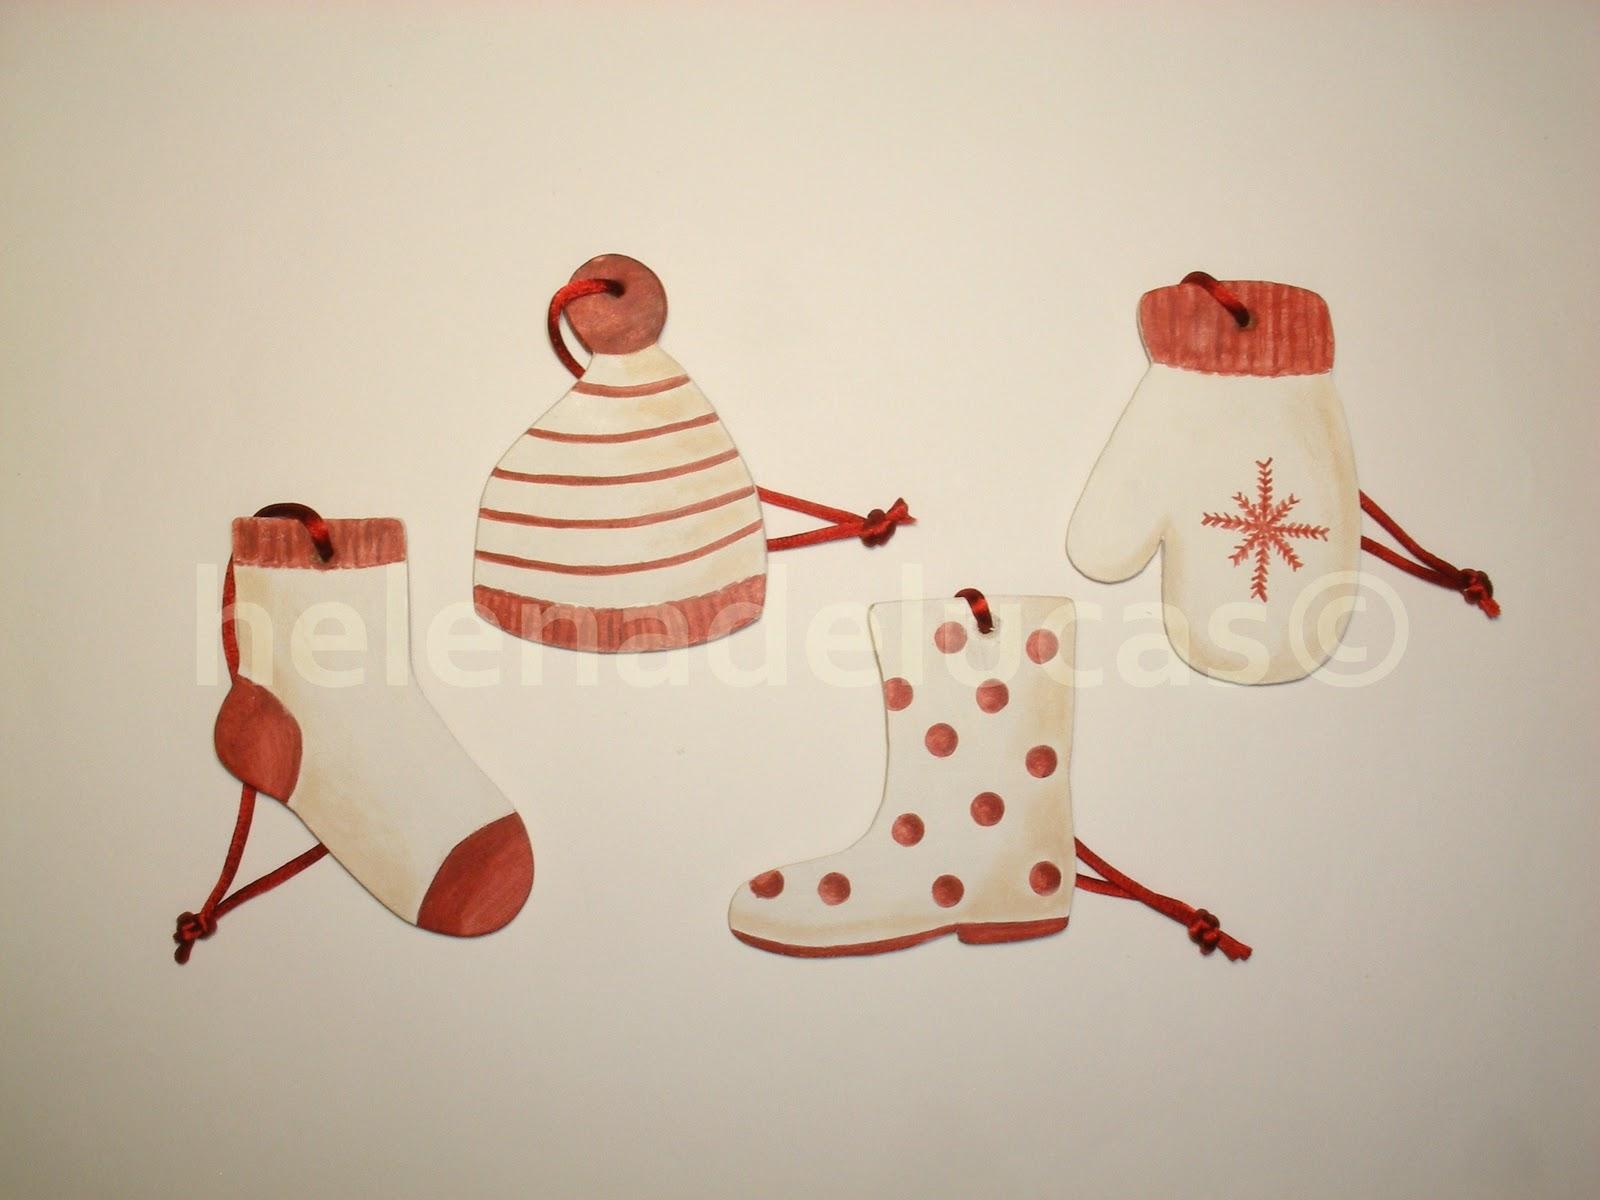 Navidad, sueltos o unidos a modo de guirnalda. Están hechos en madera